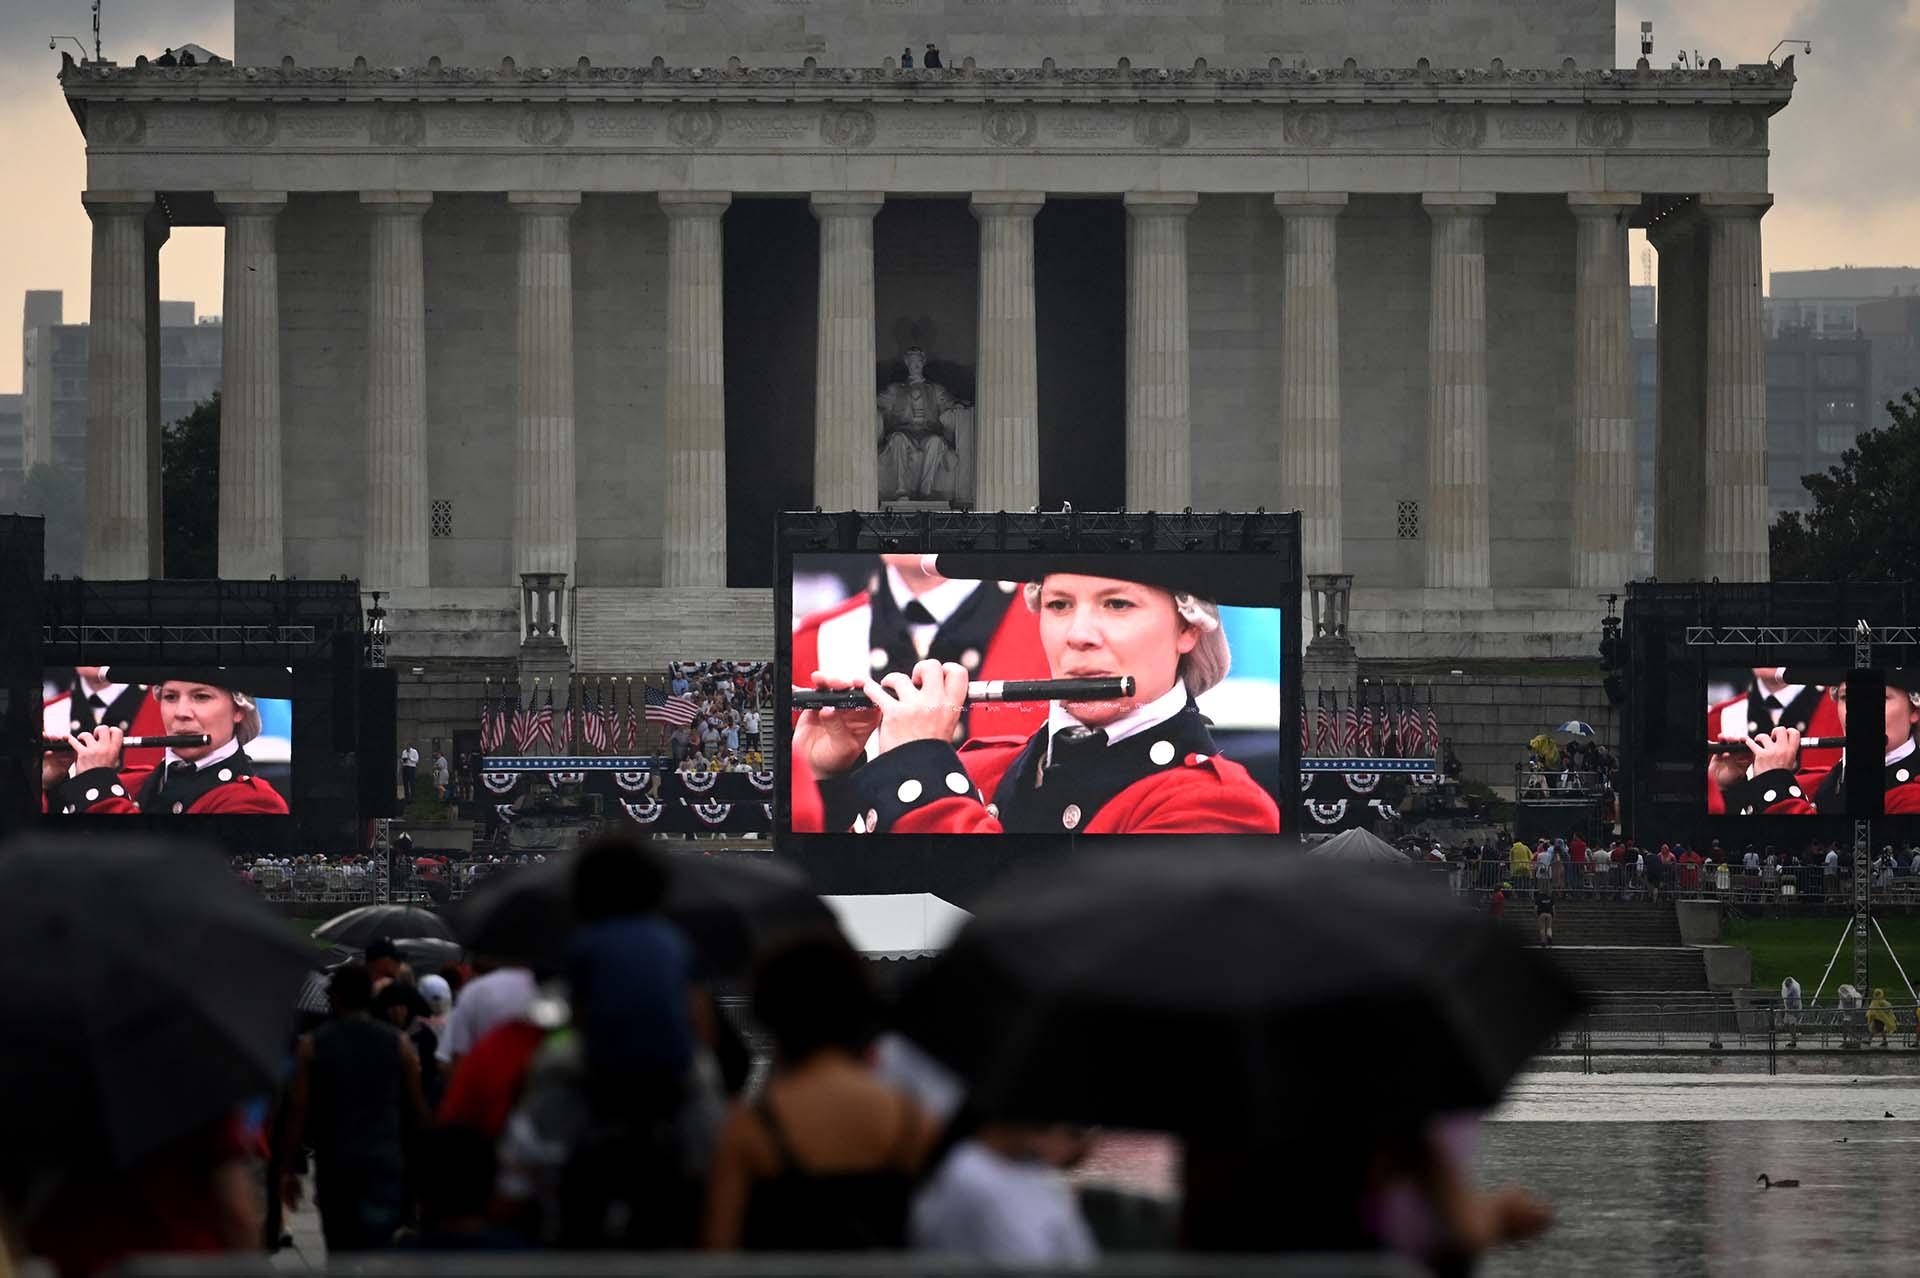 Cientos de seguidores de Trump observaron su discurso desde el monumento a Lincoln